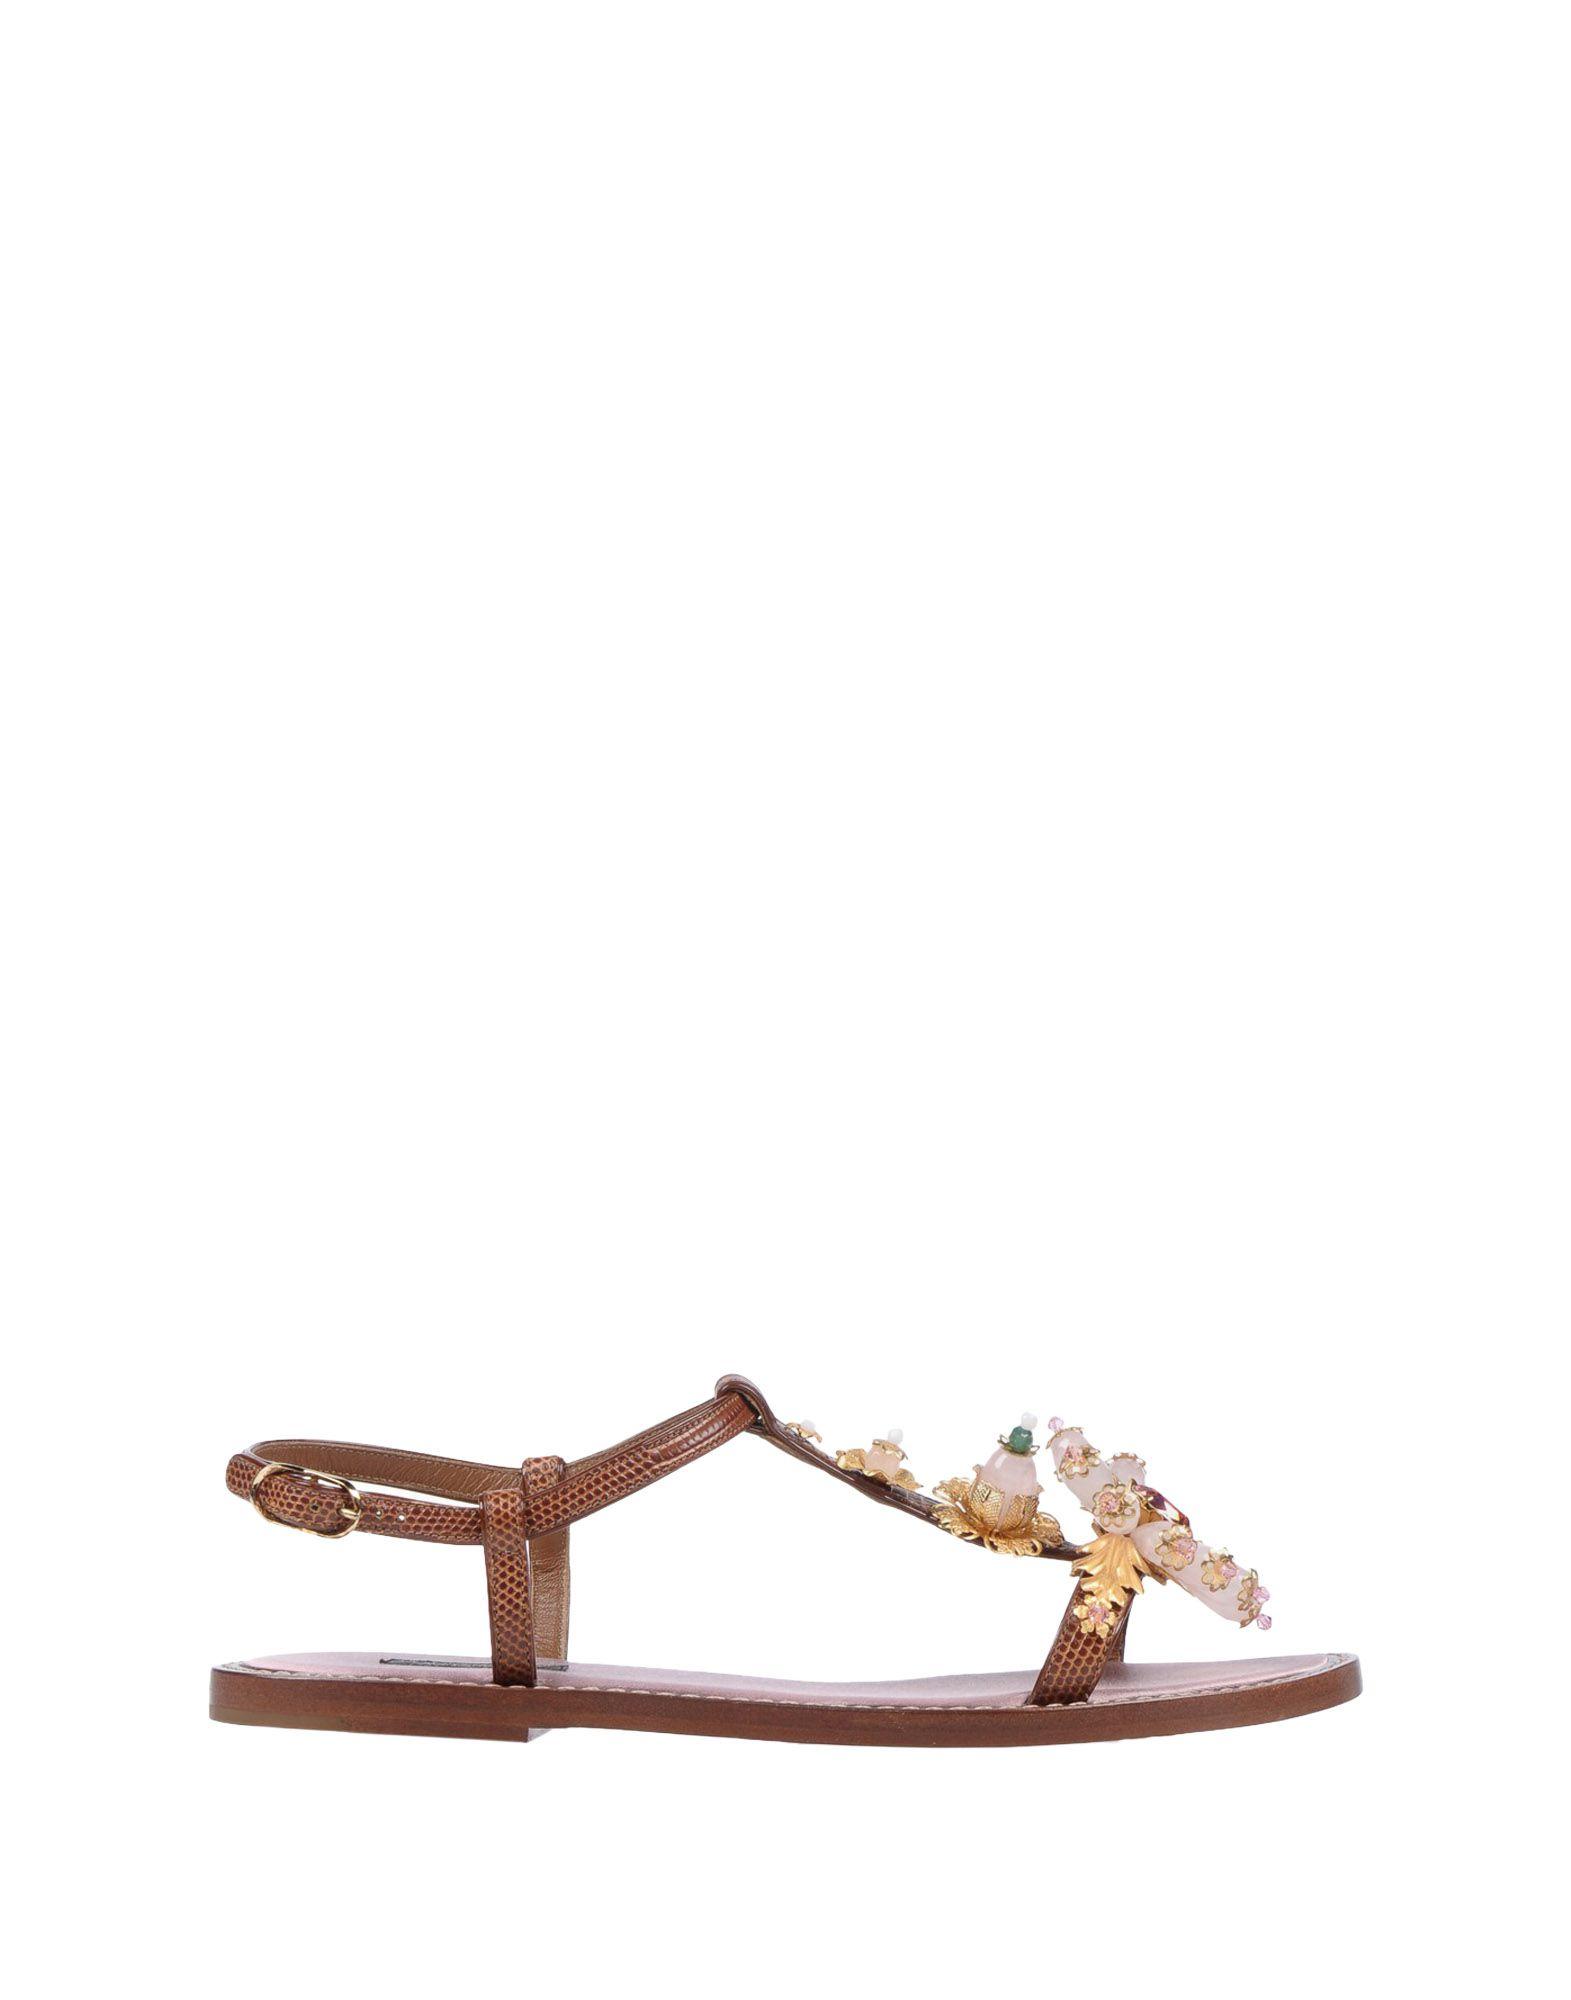 Dolce & Gabbana Sandalen Damen Damen Damen  11508364UO Neue Schuhe 3640d1